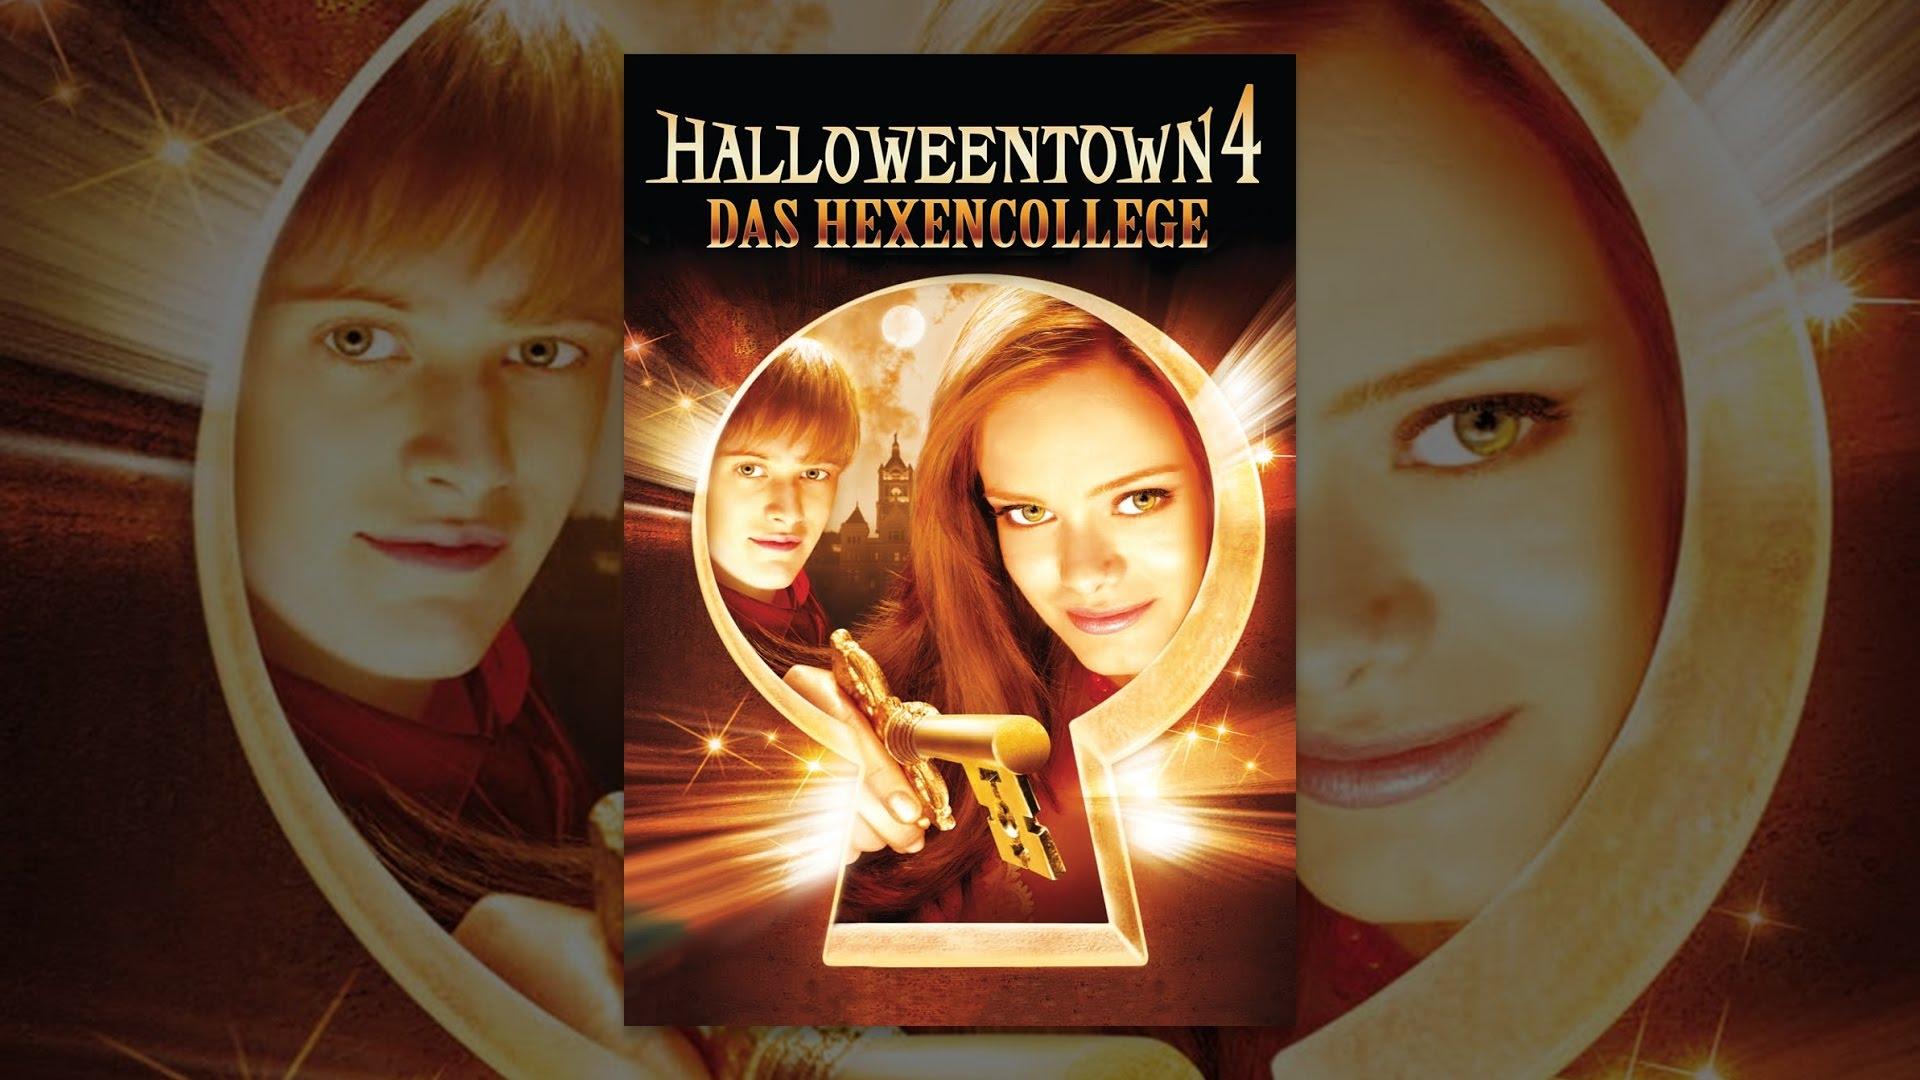 Halloweentown 5 Deutsch